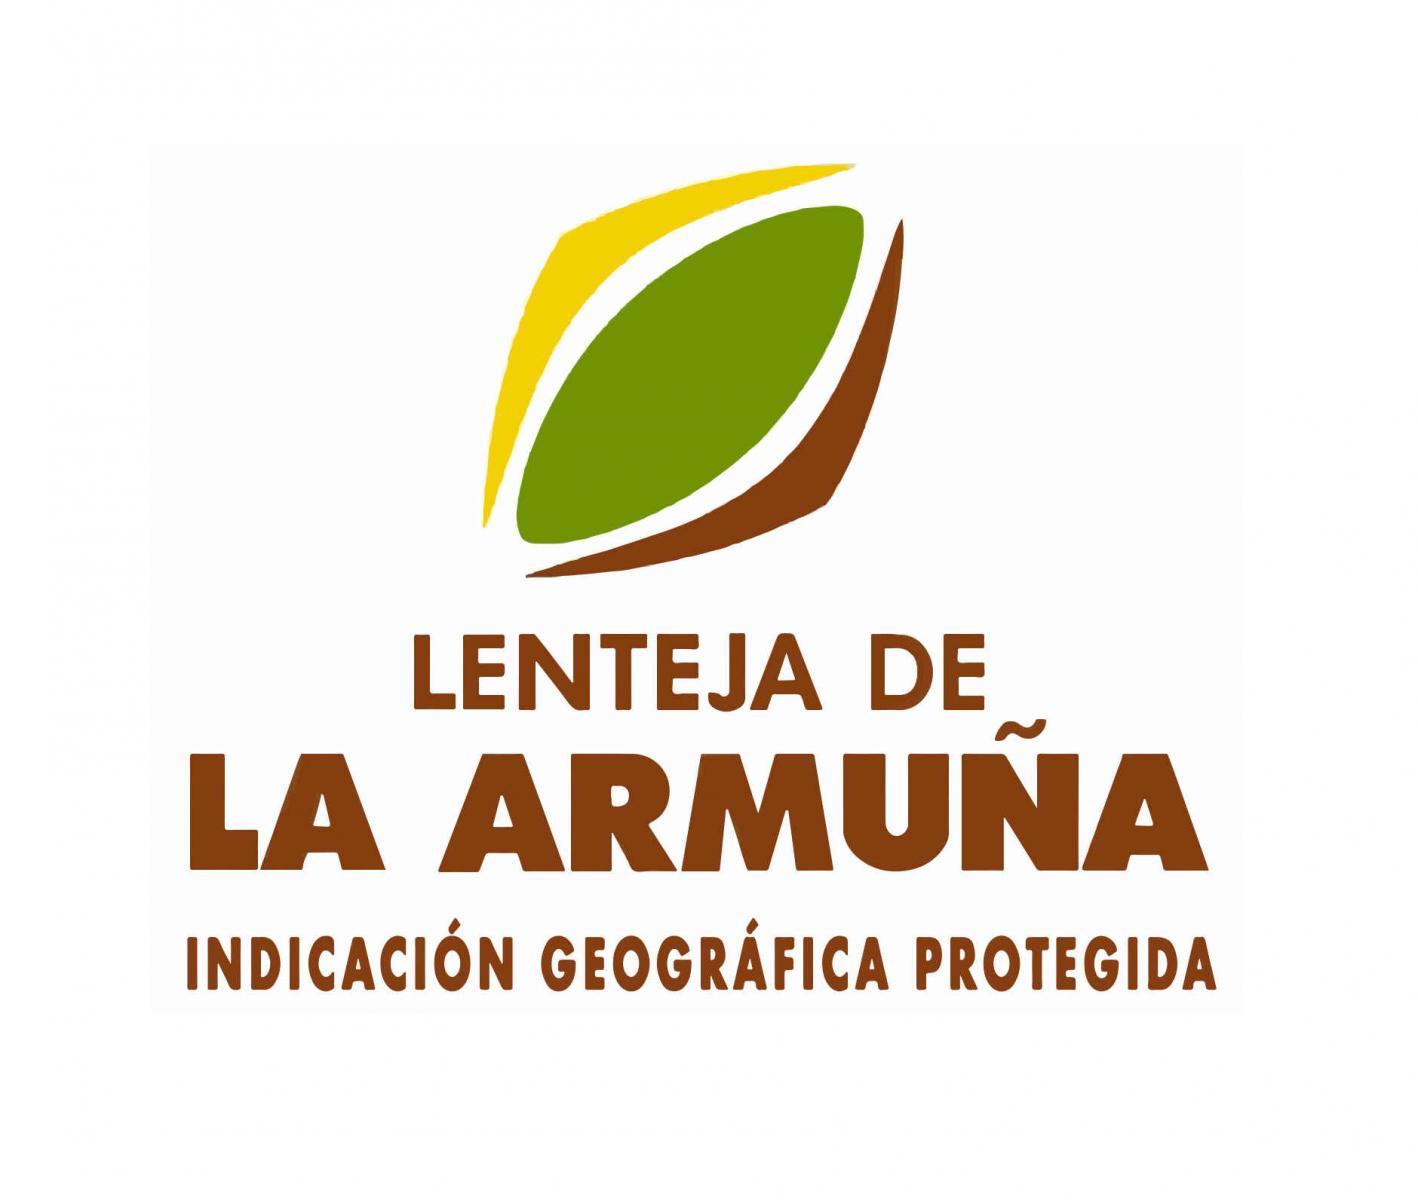 I.G.P.  Lenteja de La Armuña